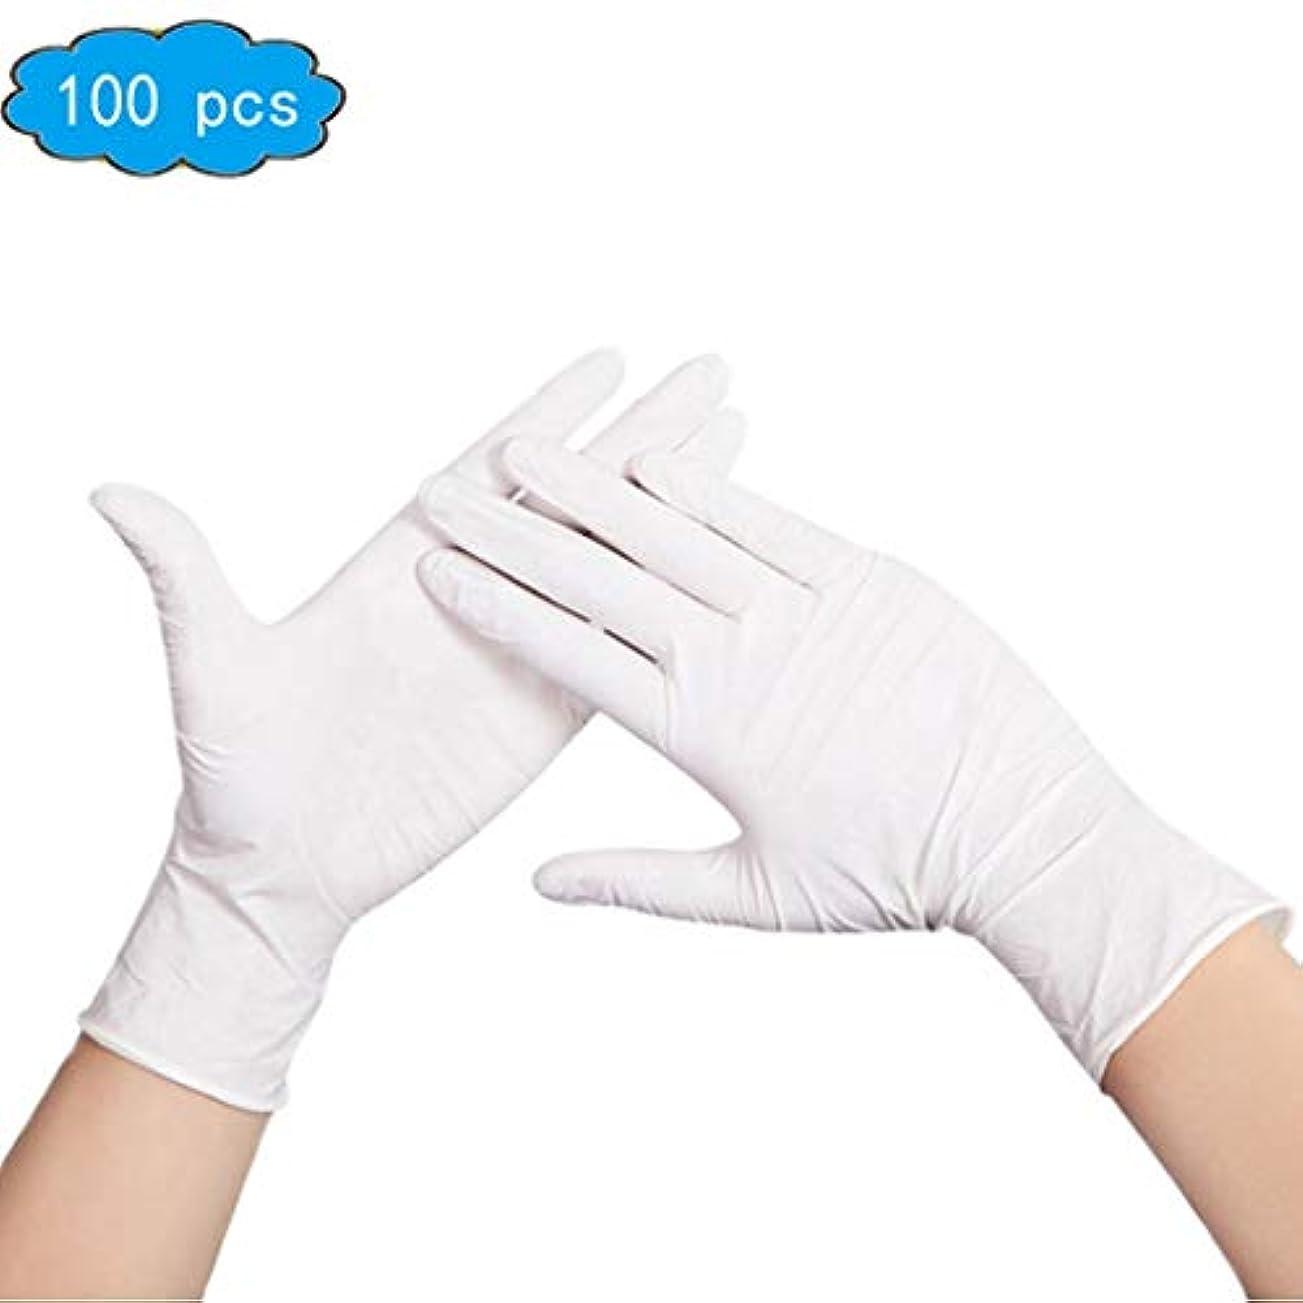 建てる関係する危機使い捨てニトリル手袋(X-大、100カウント)ラテックスフリー|超強力な、クリア|液、血液、試験、ヘルスケア、食品の取り扱いを使用|パウダーない、世帯のクリーニング手袋なし (Color : White, Size : M)